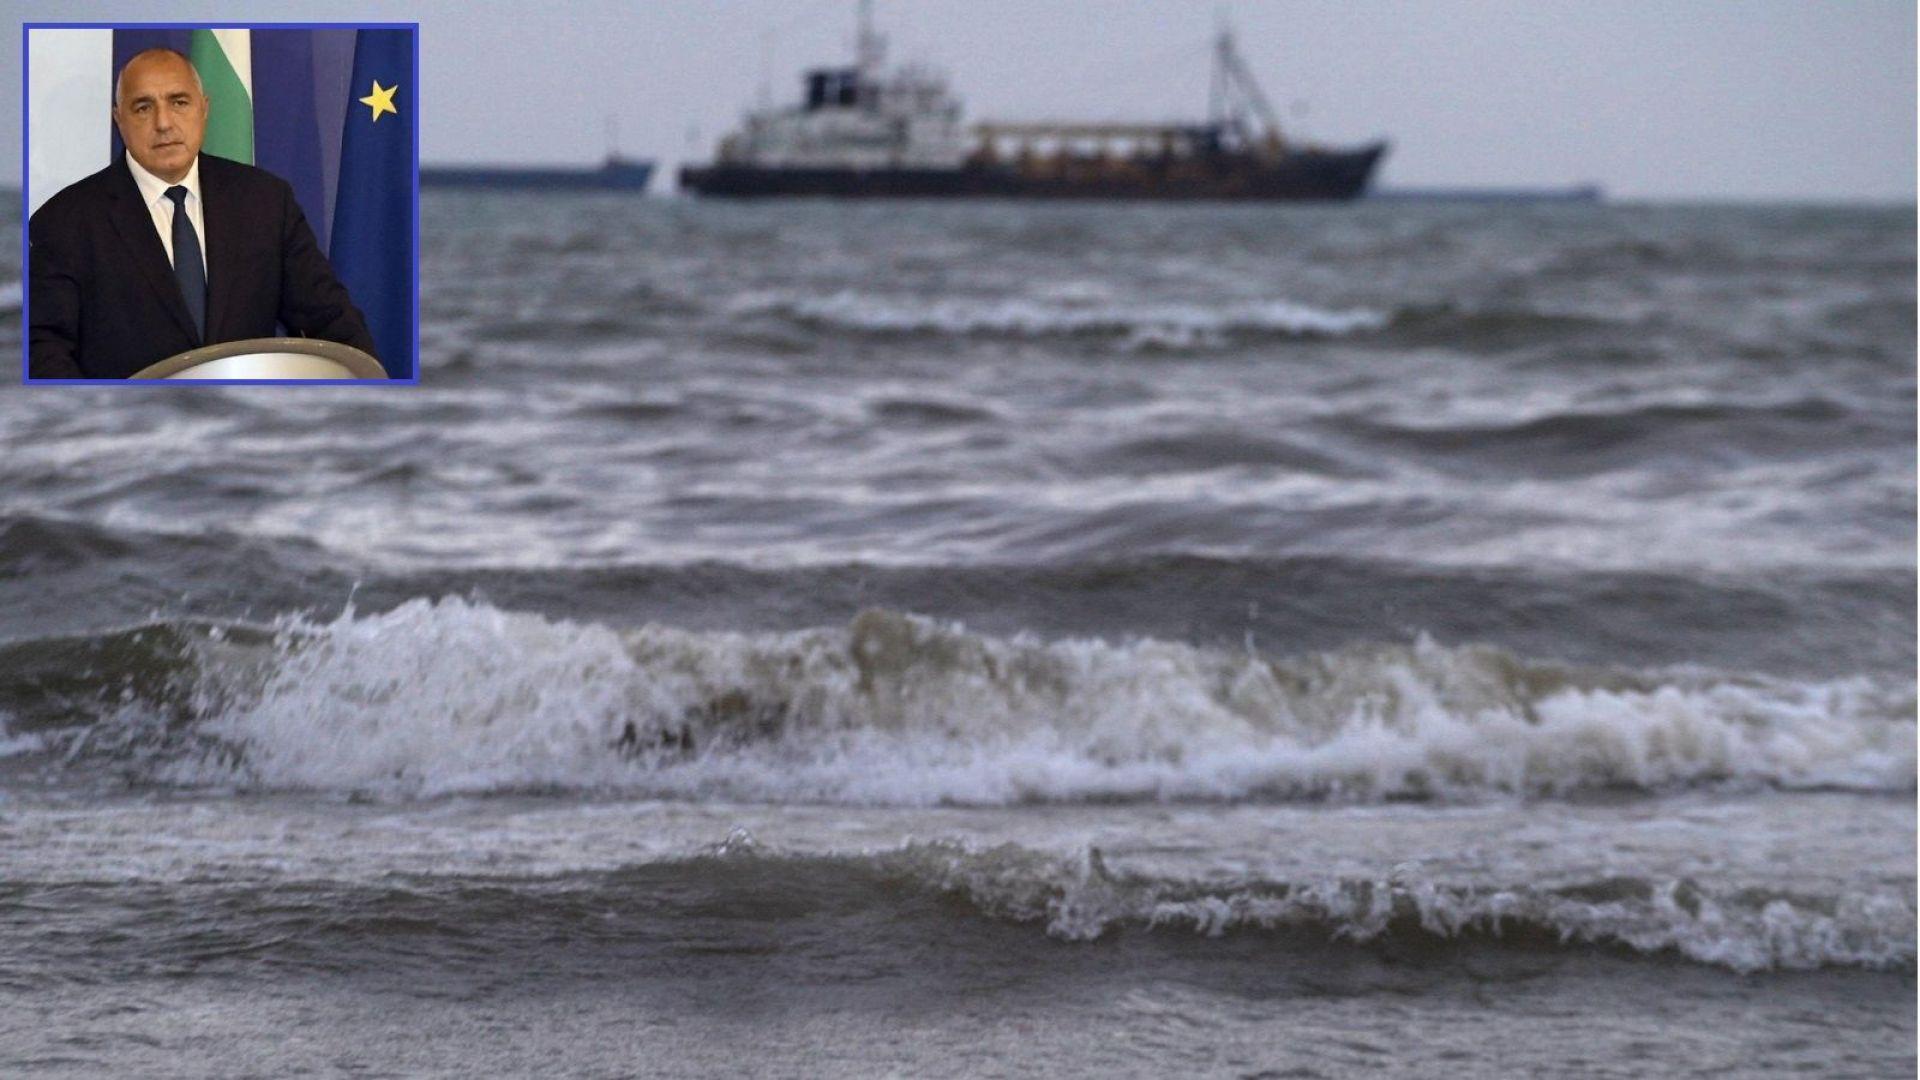 Бойко Борисов призова украинските моряци незабавно да бъдат освободени